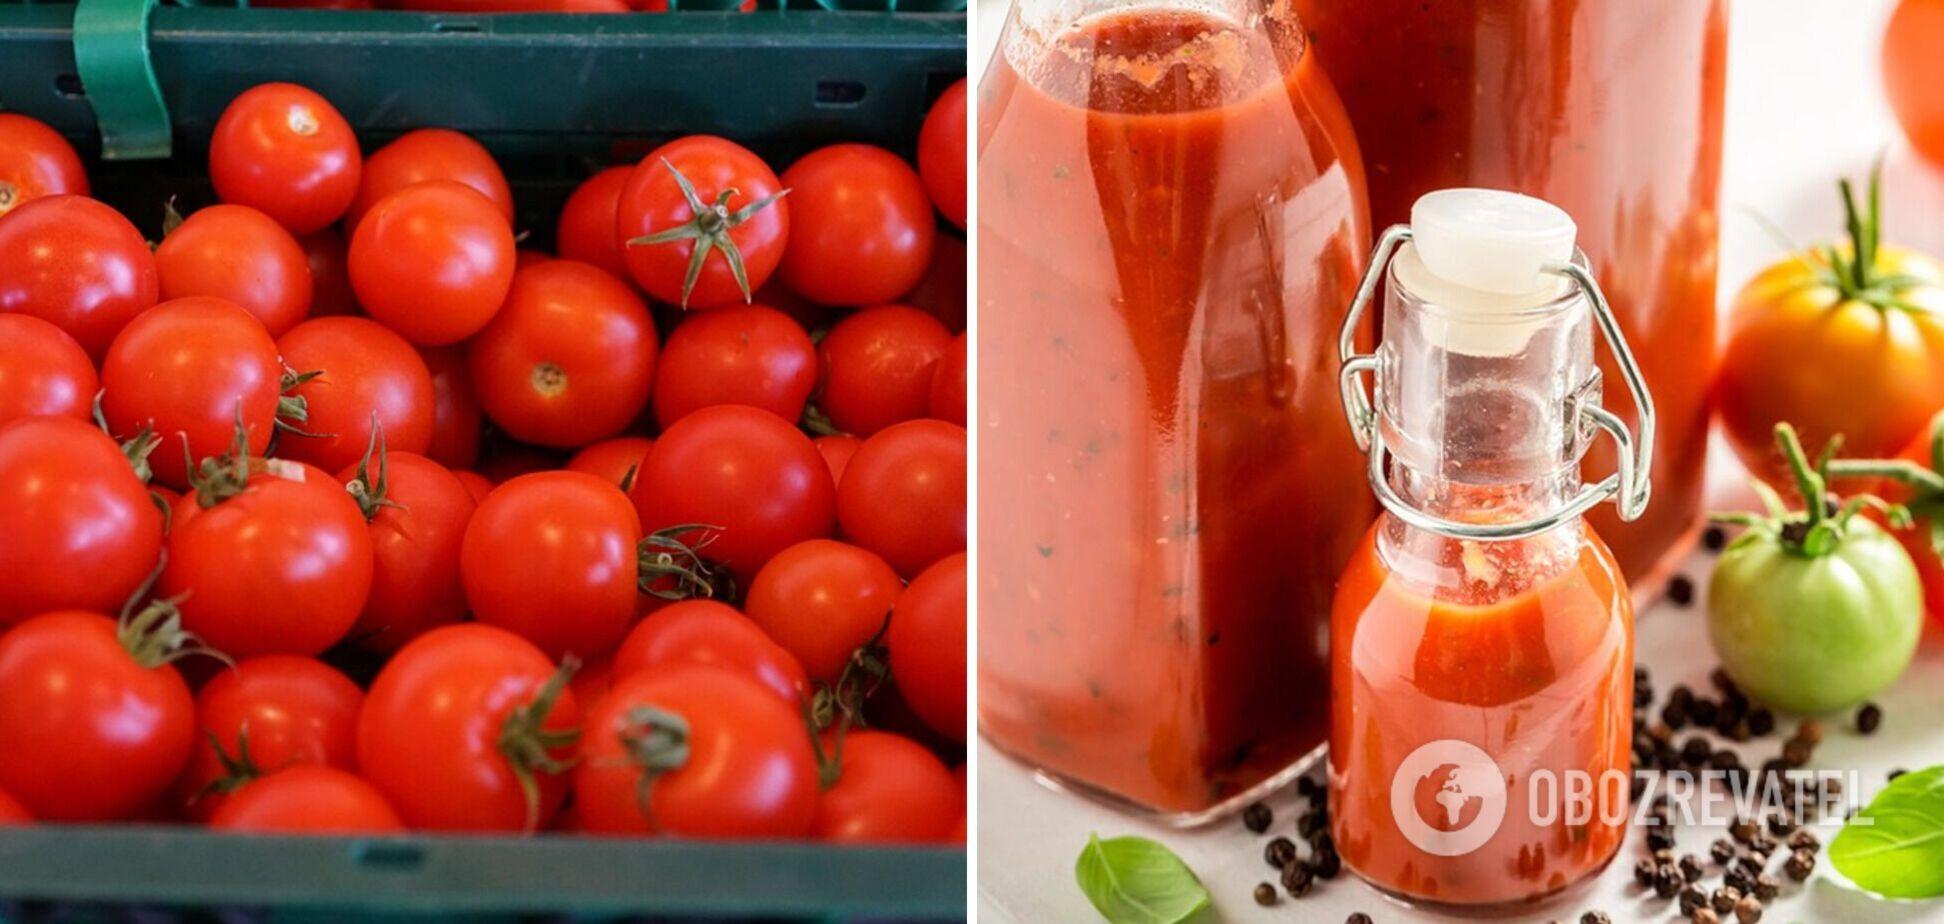 Кетчуп, как из магазина: рецепт и секреты приготовления